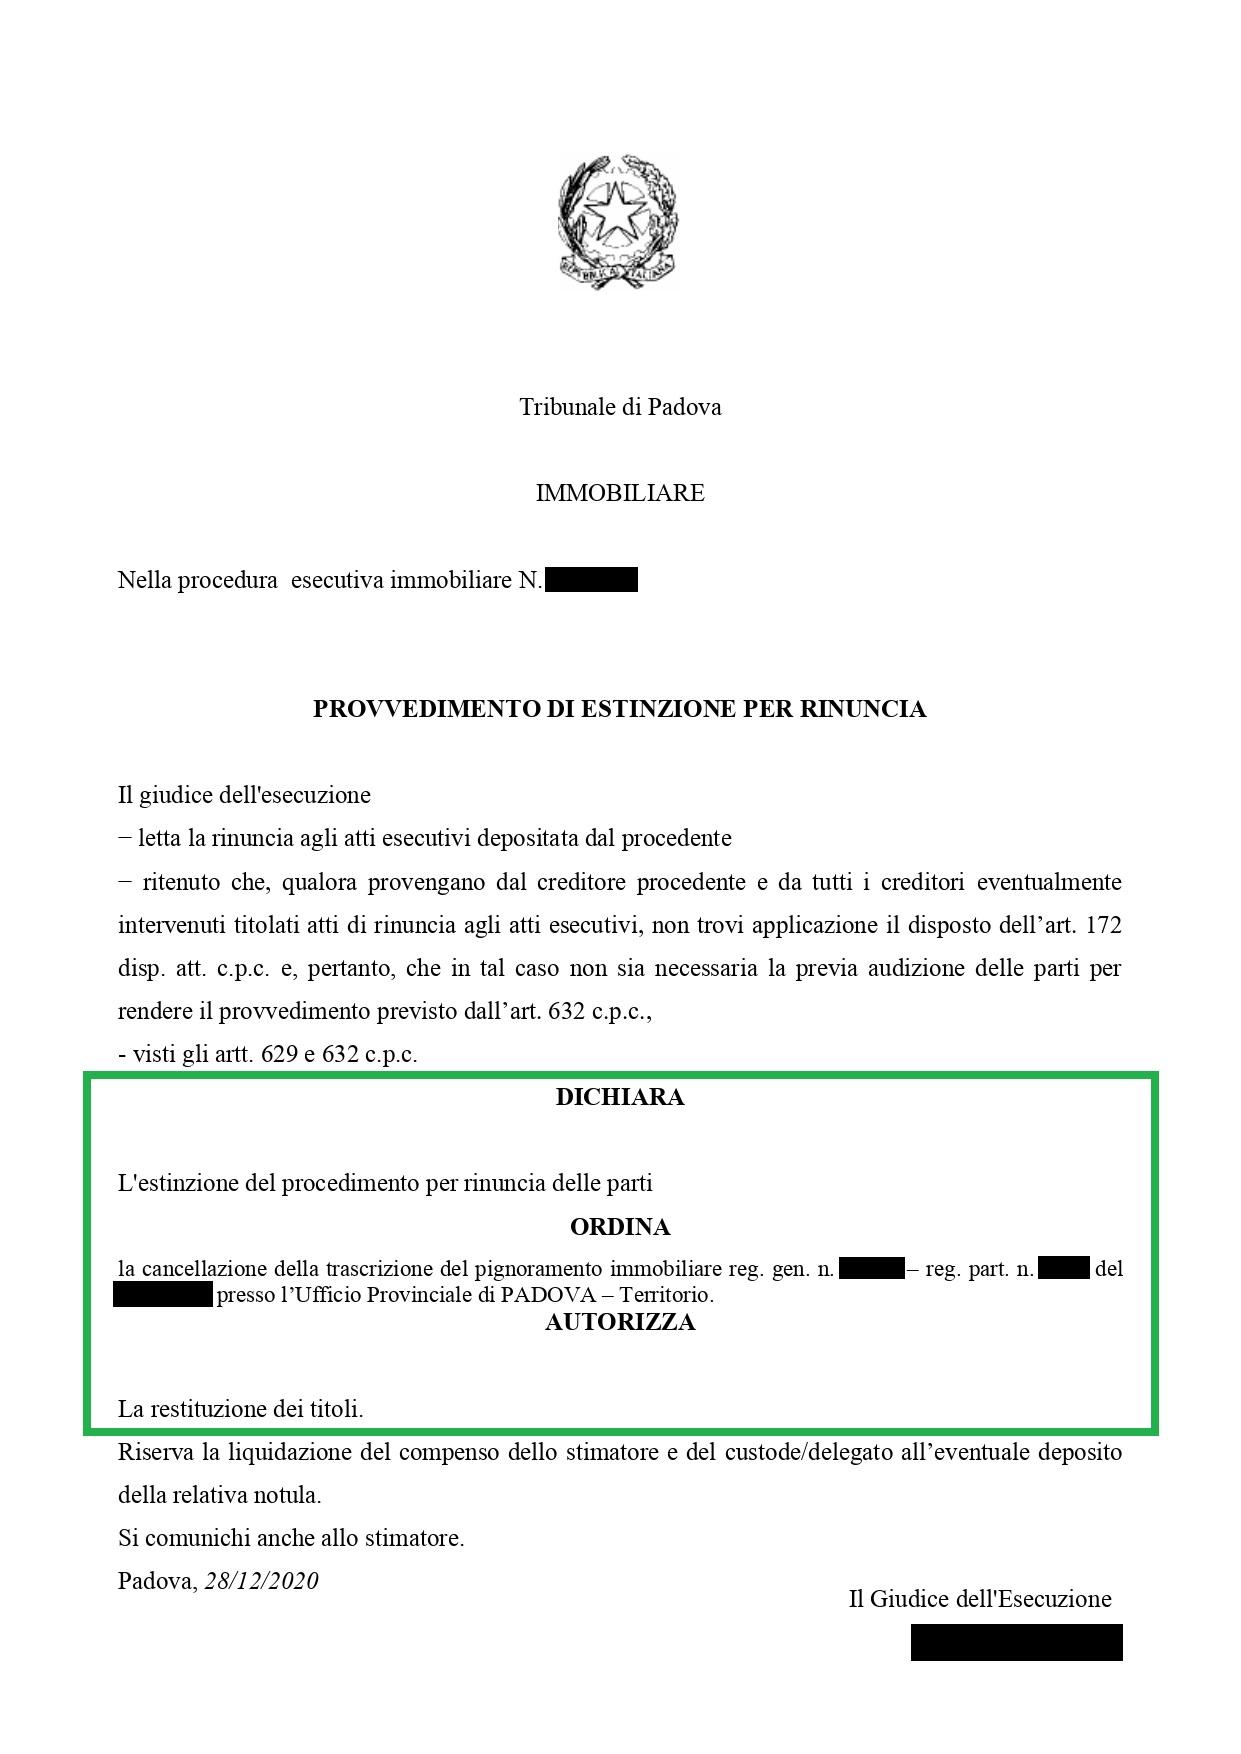 Provved di estinzione S Giorgio 28-12-20_page-0001